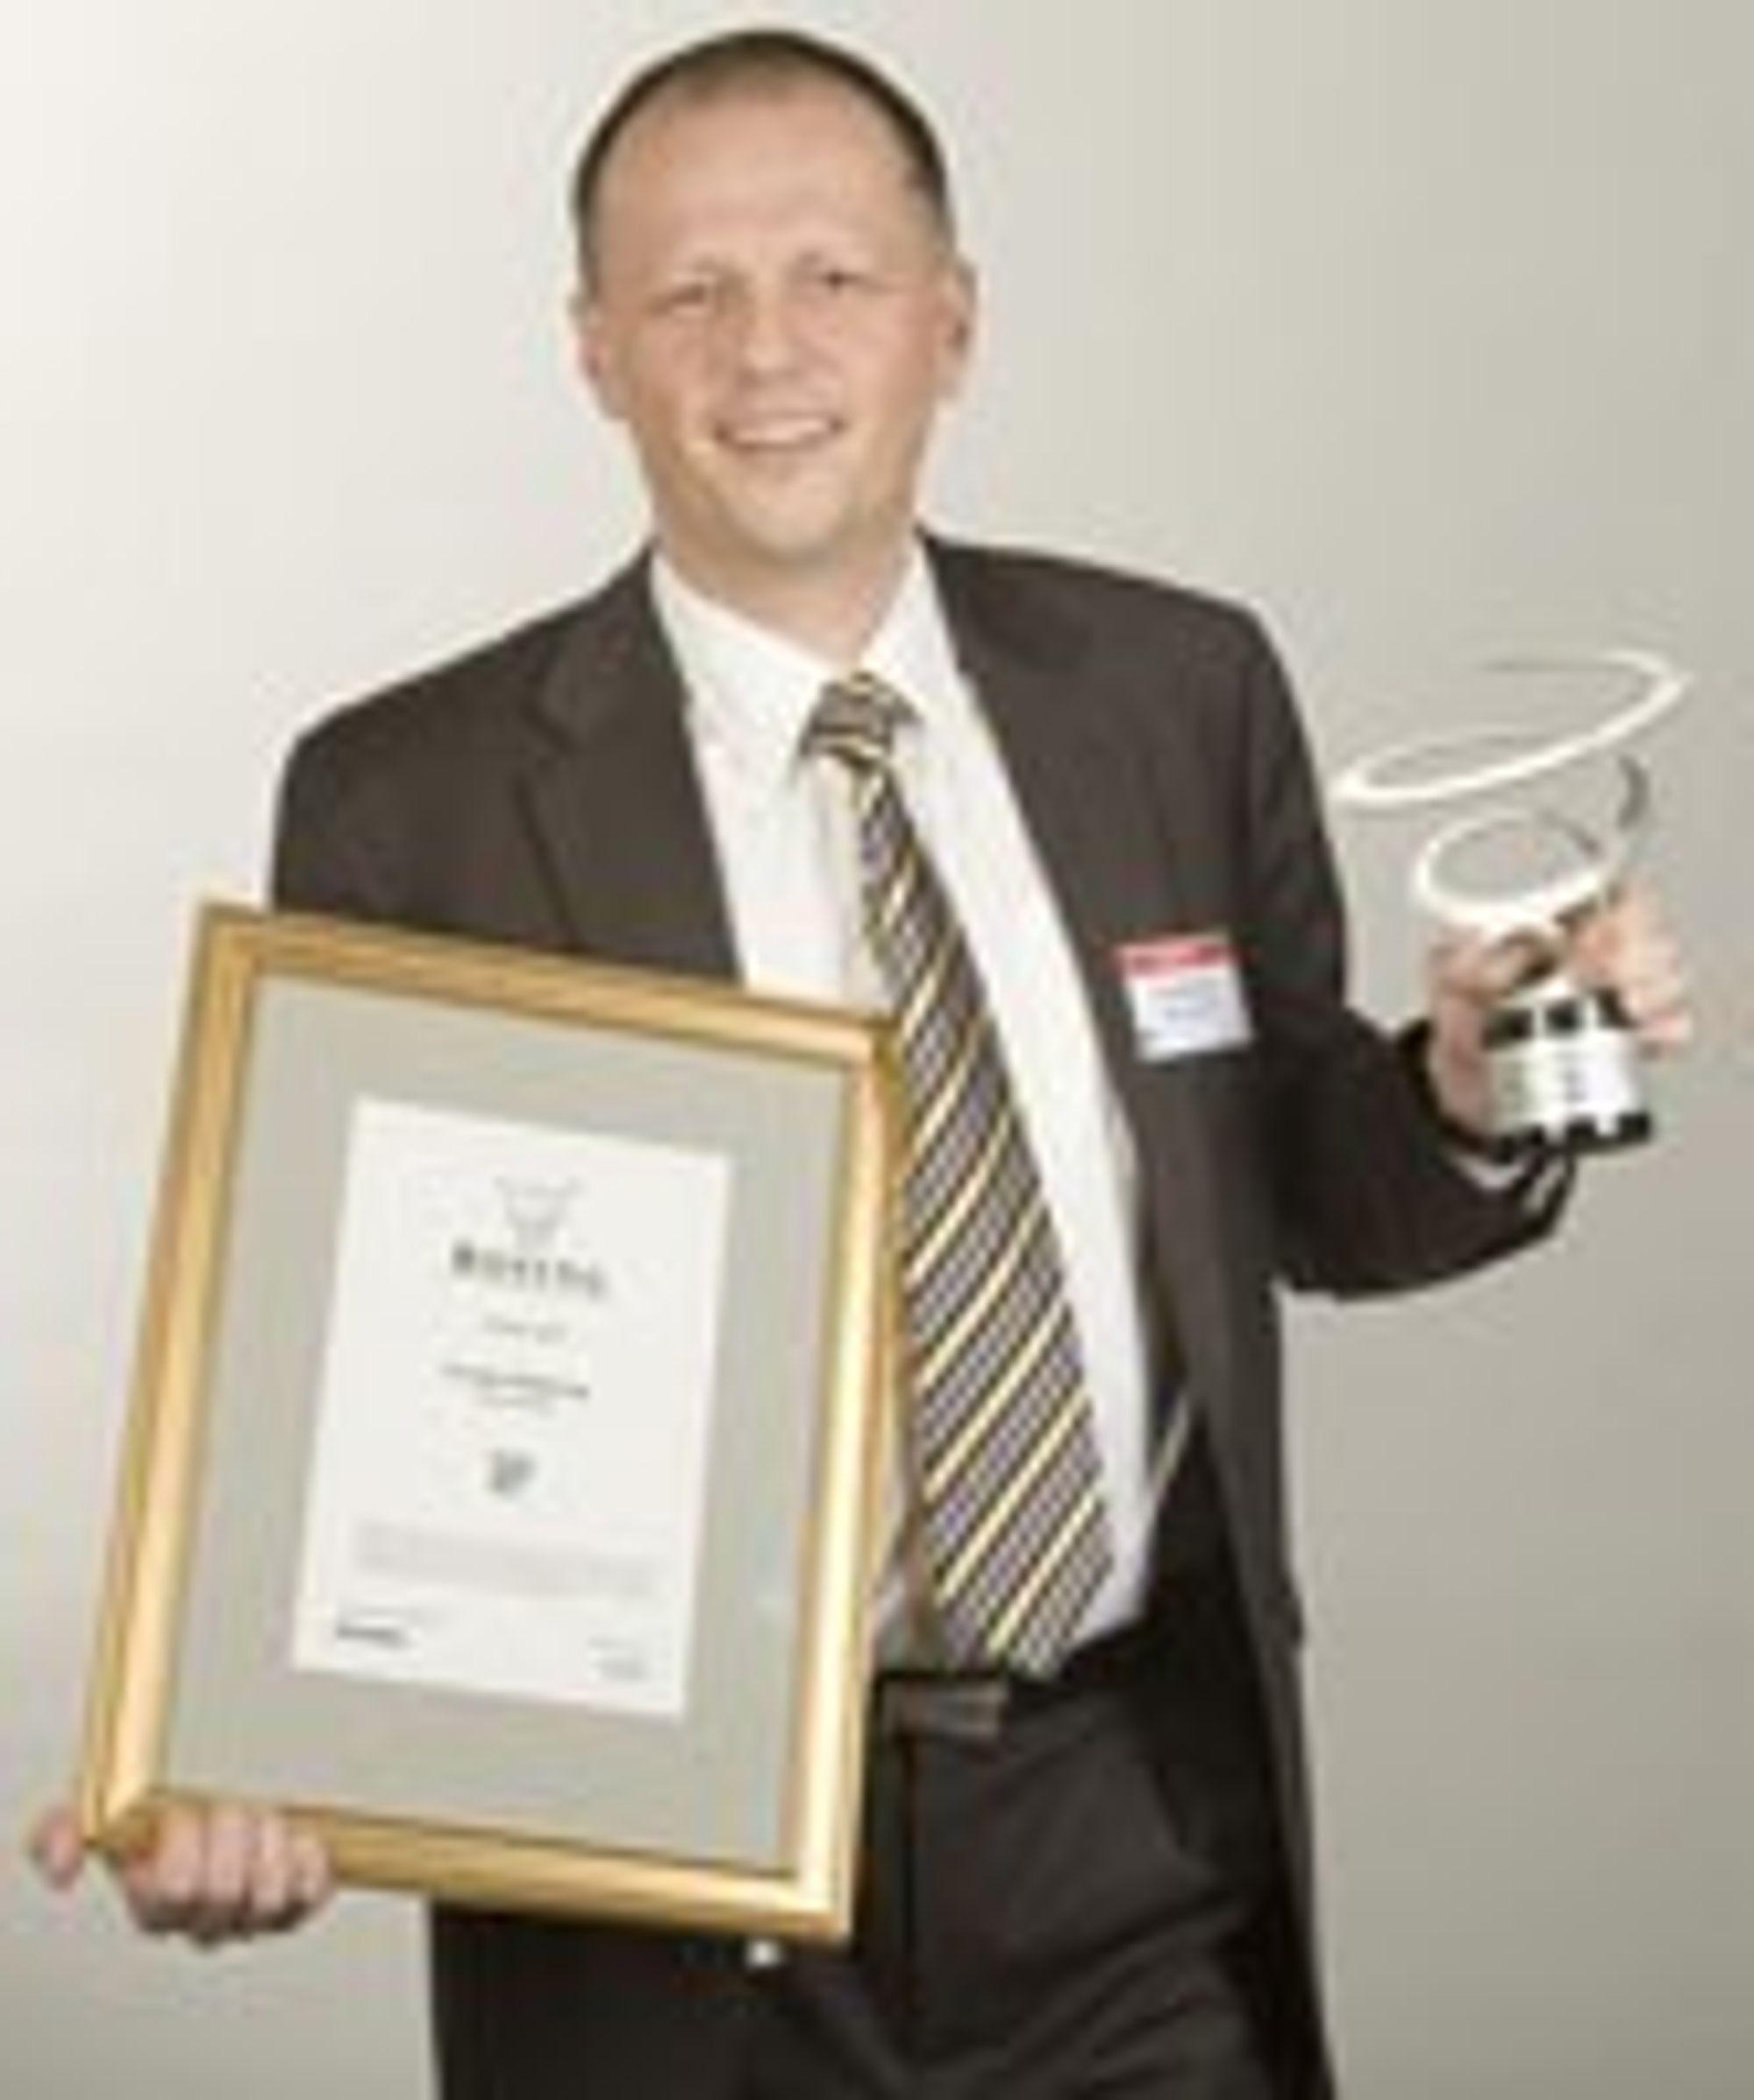 Frank Møllerop er en erfaren IT-leder. Her fra tildeling av Rosing-prisen som årets IT-leder i 2007.